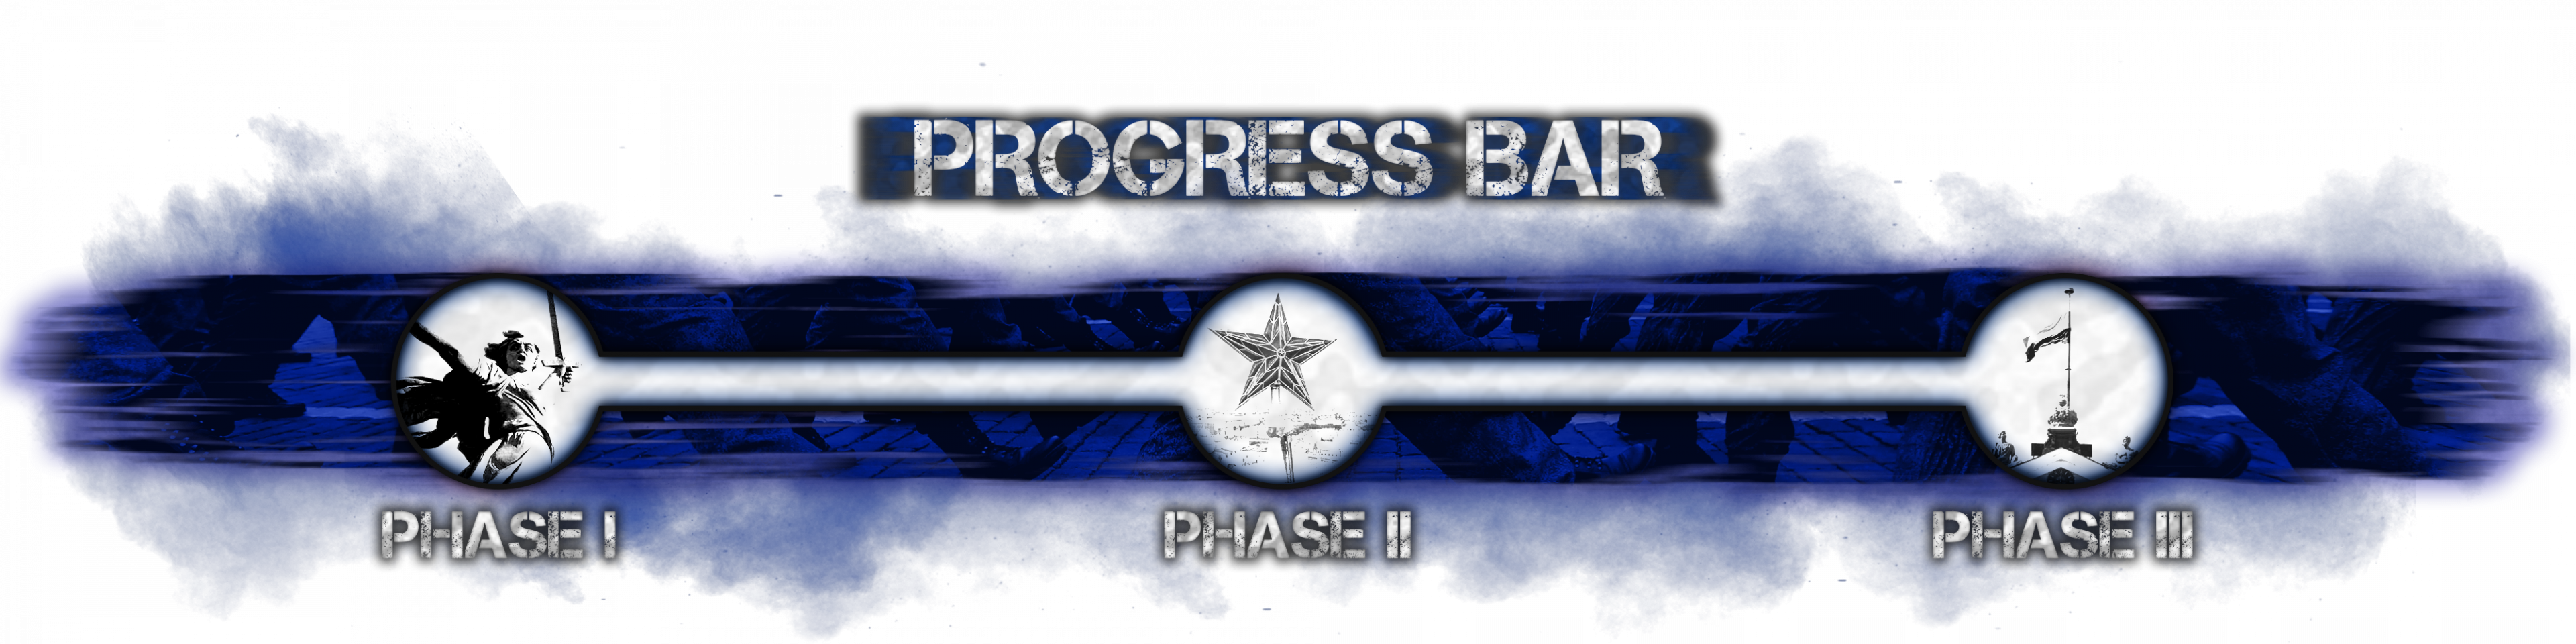 897262447_ProgressBar.thumb.png.632a986d9066fa8bcc20f07cd80d38a3.png